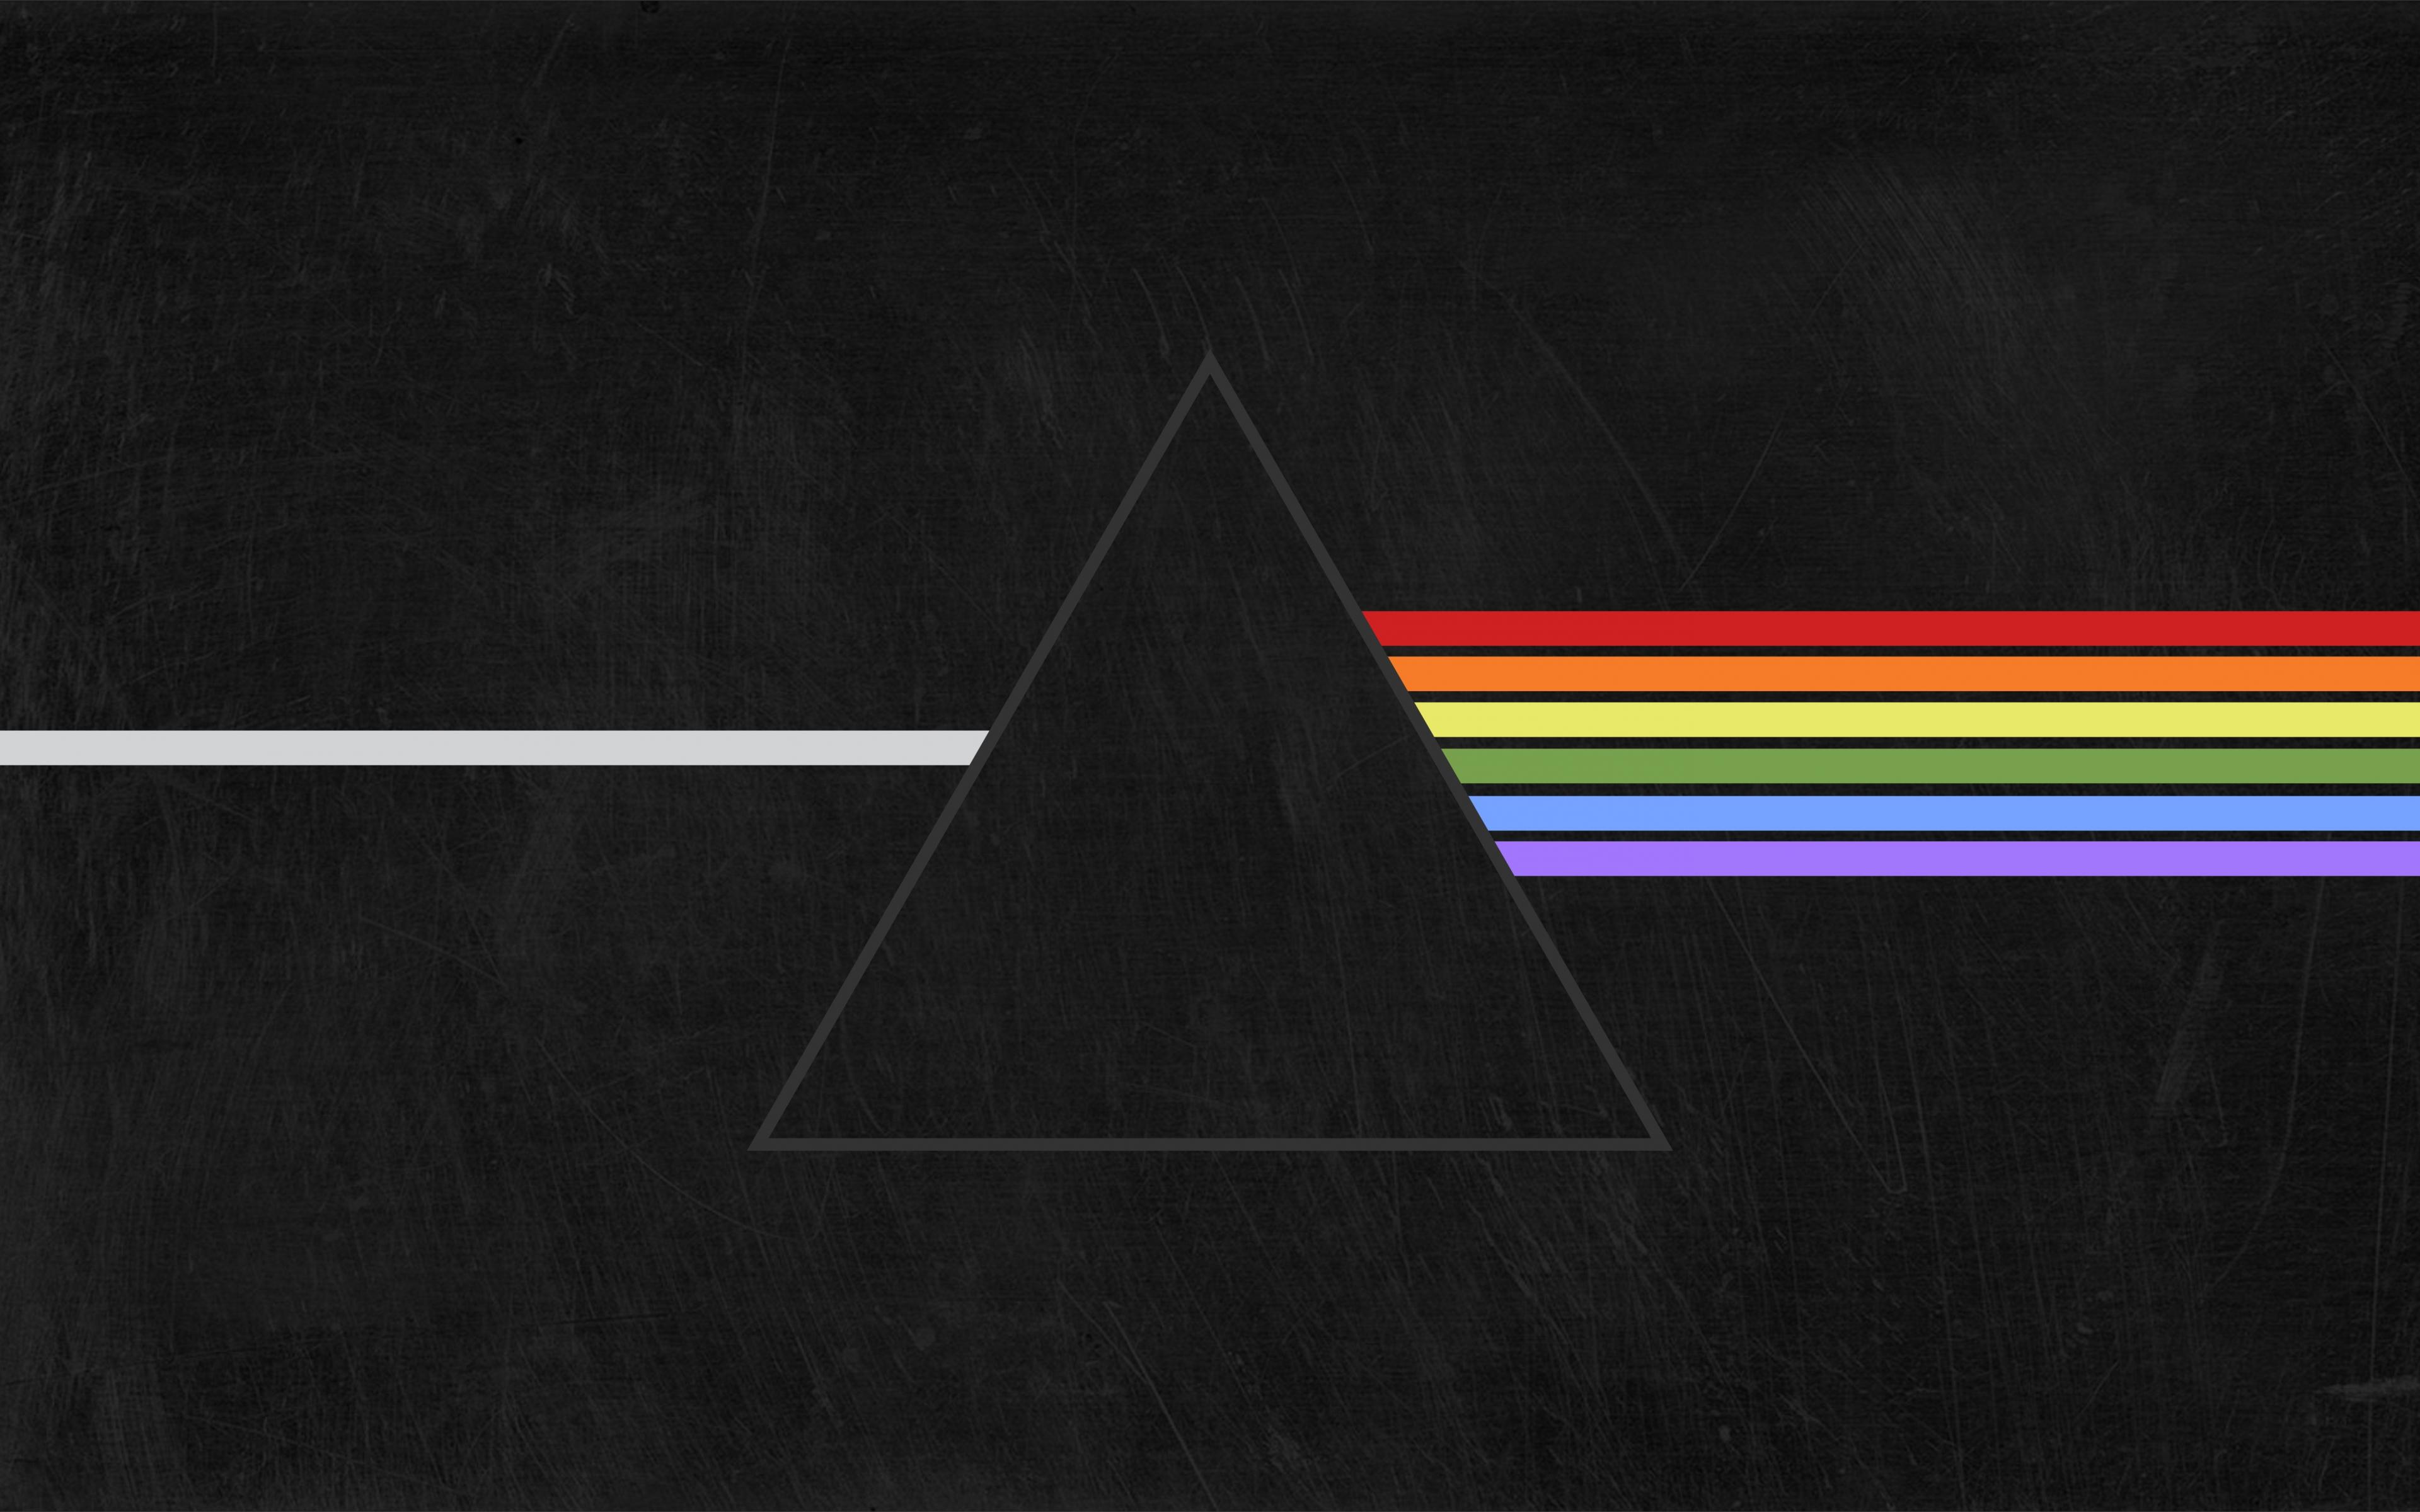 Download 3840x2400 Wallpaper Pink Floyd Prism Minimal 4 K